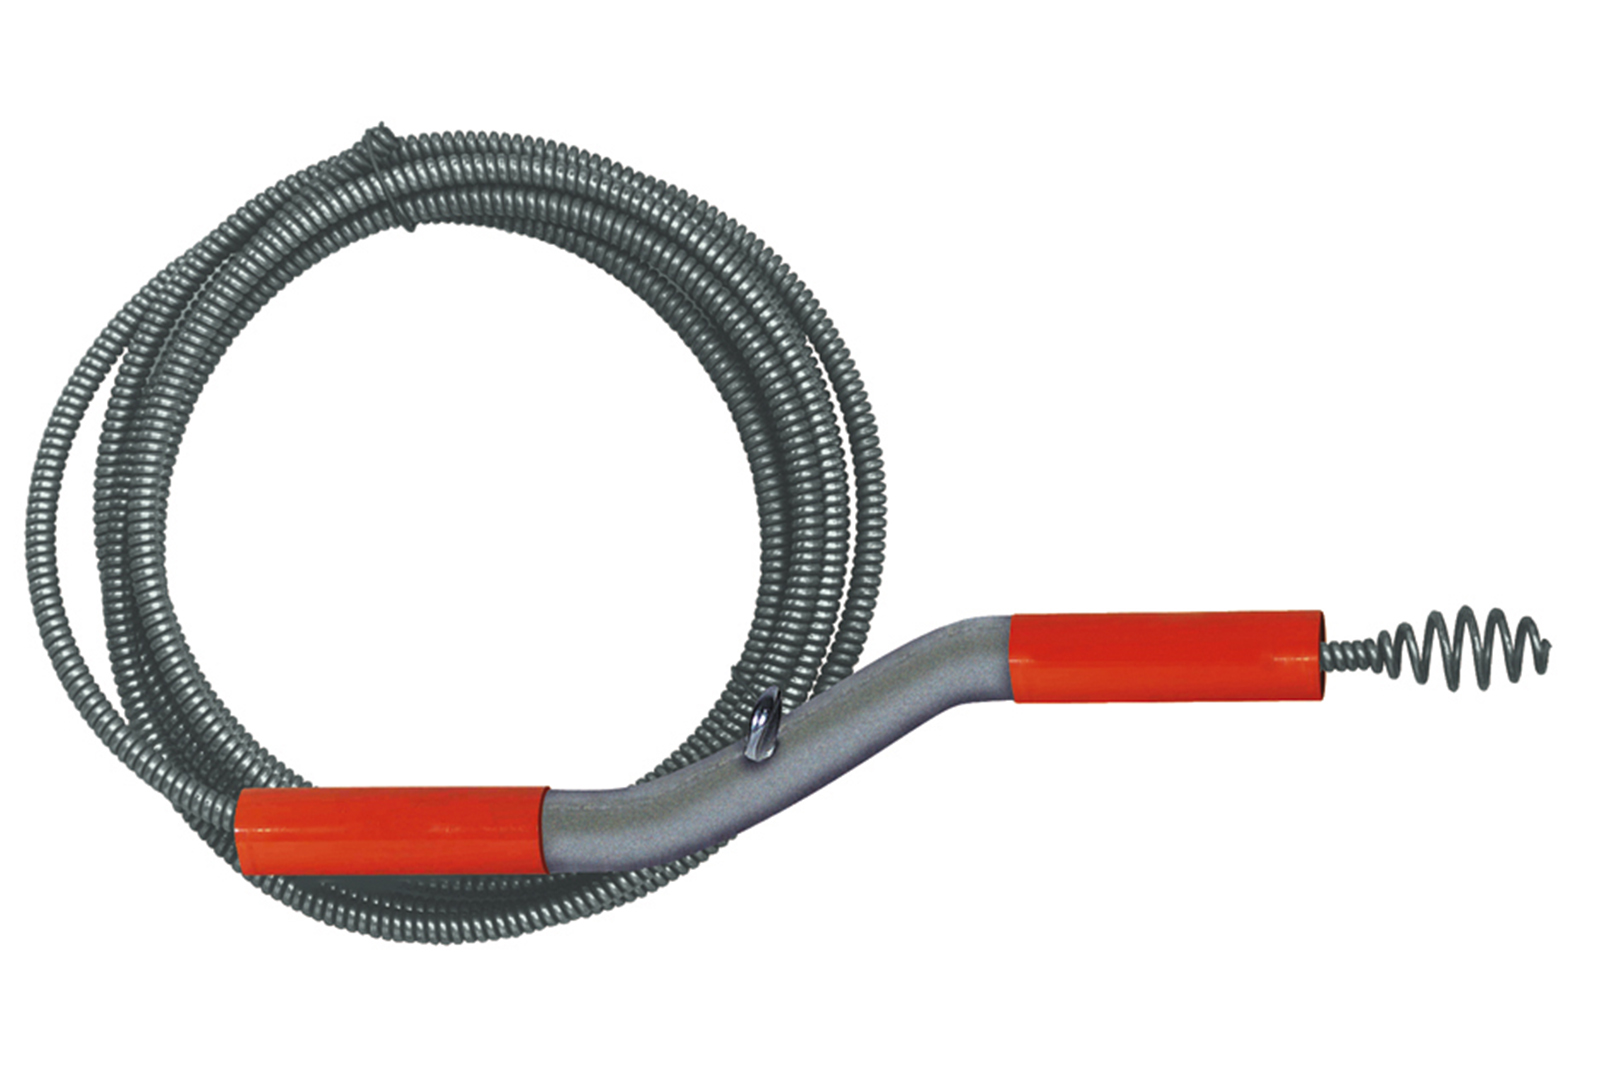 Купить Трос для прочистки General pipe 35fl1-dh